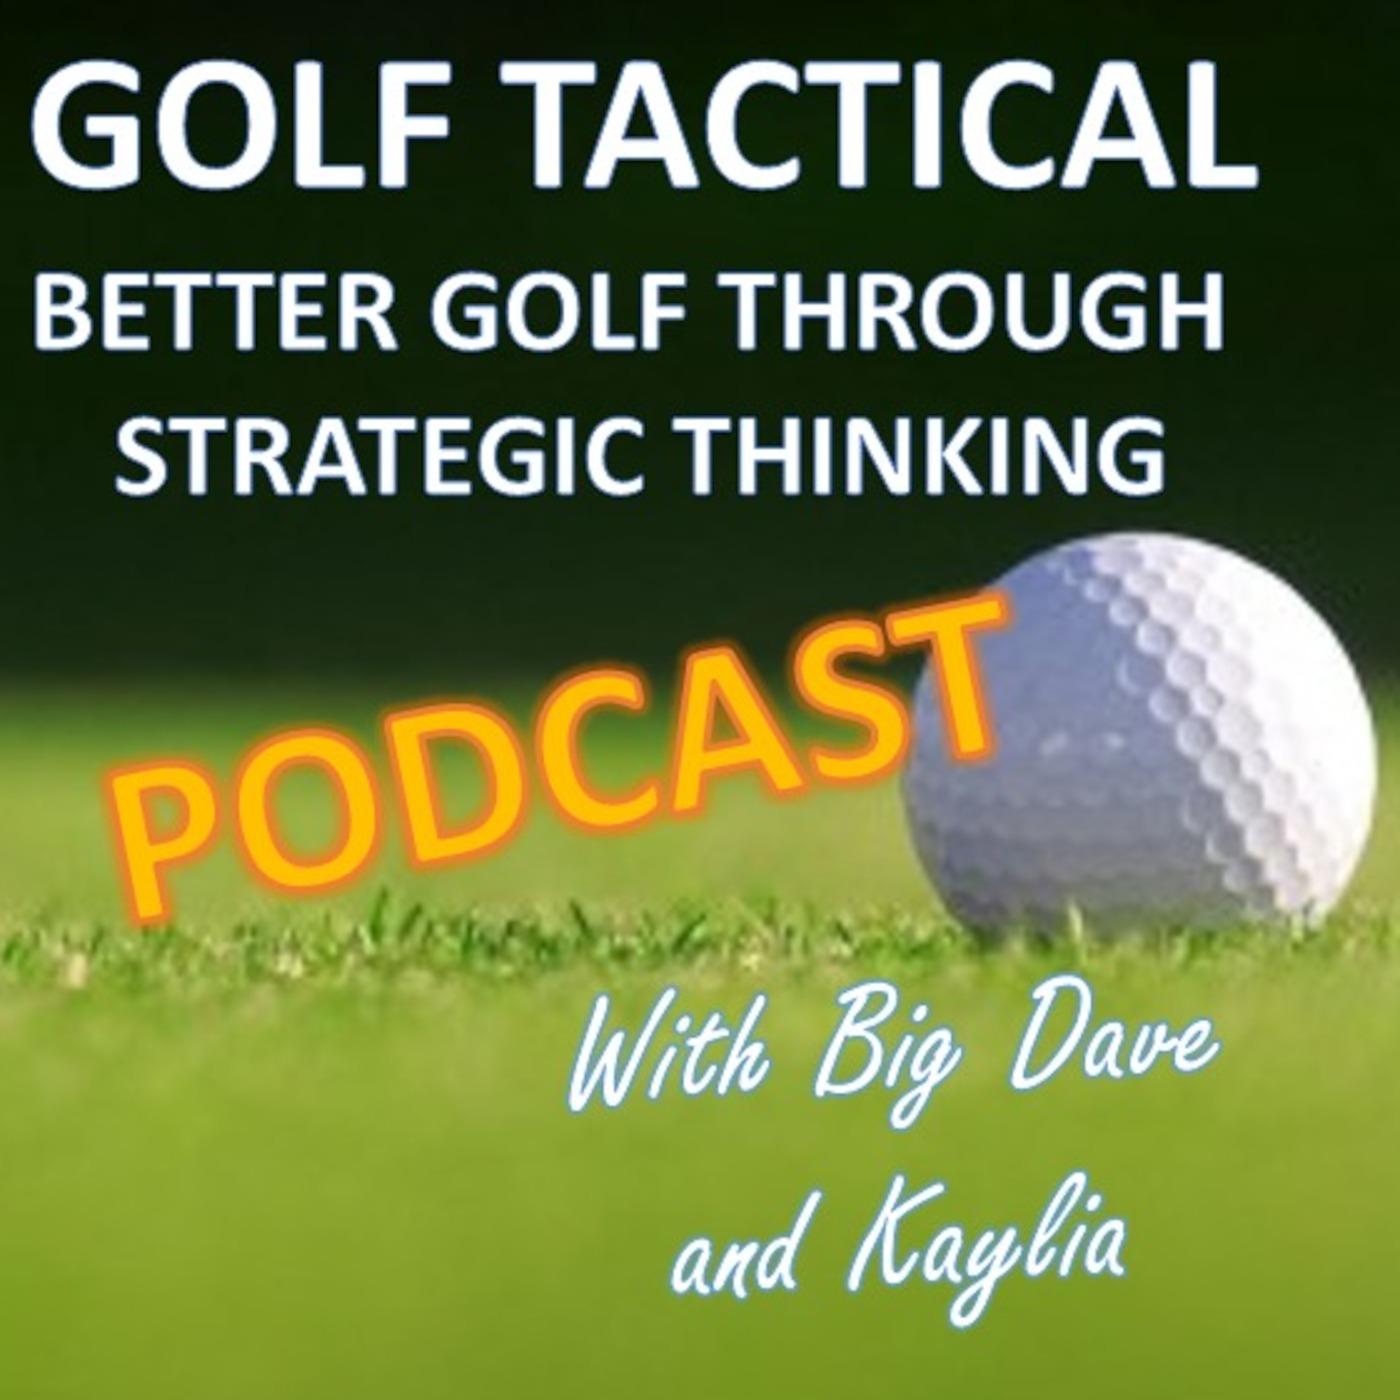 Golf Tactical